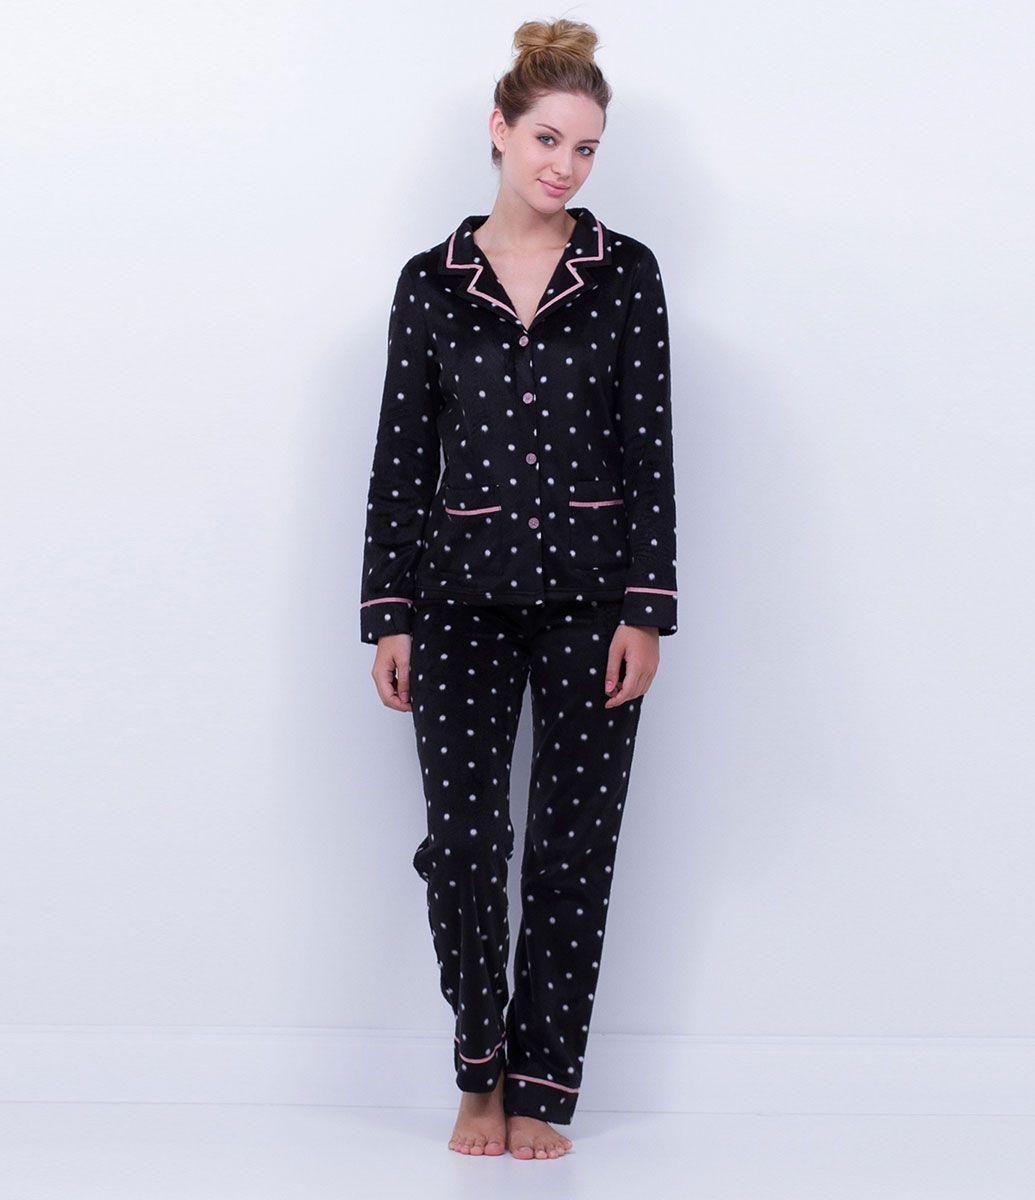 5a7f77785 Pijama feminino Manga longa Estampado Com abertura frontal Marca: Lov  Tecido: Fleece Composição: